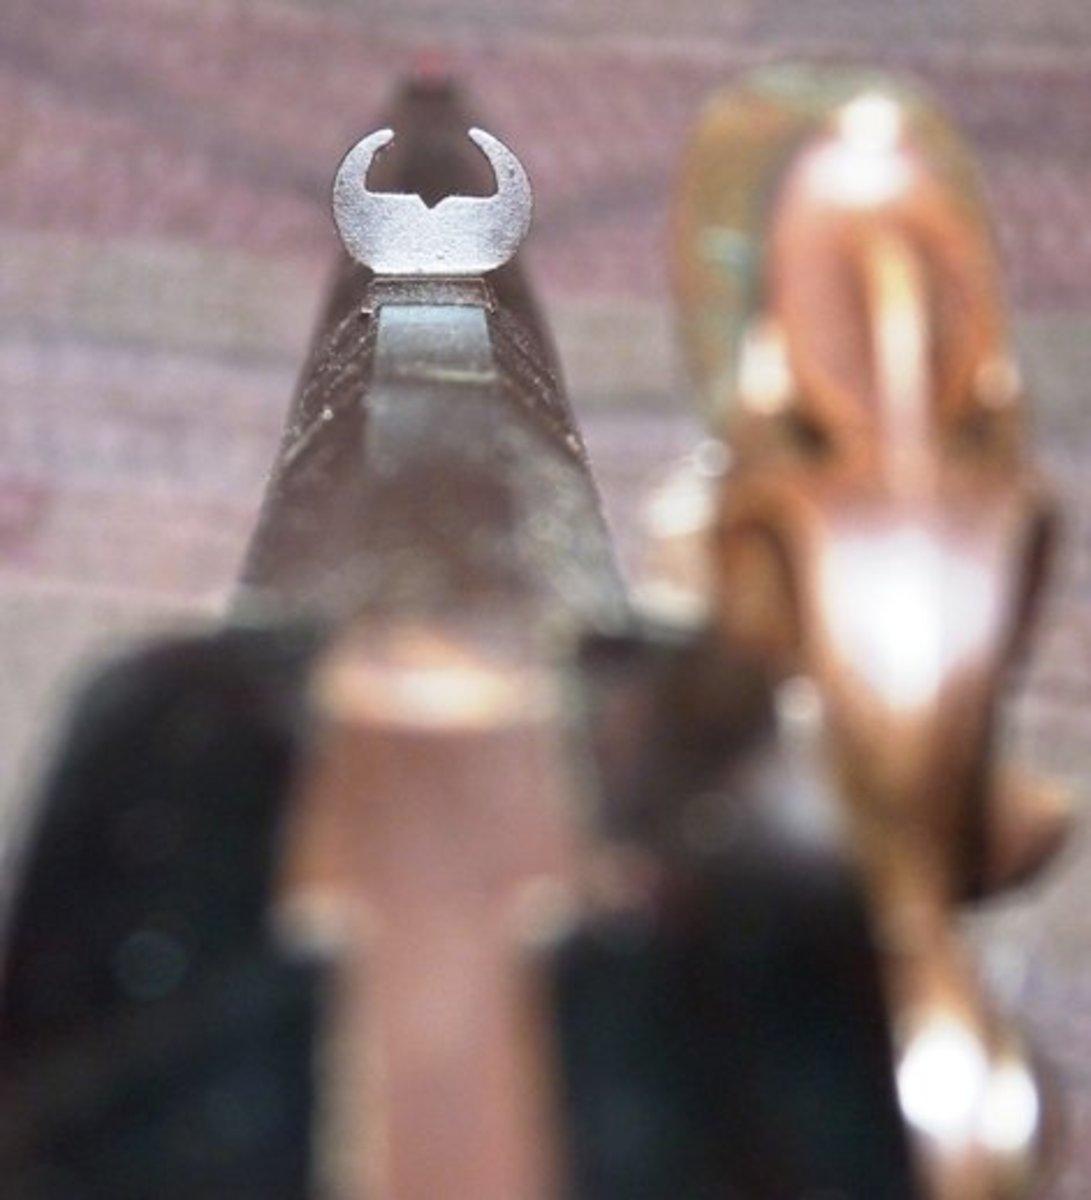 buckhorn sight